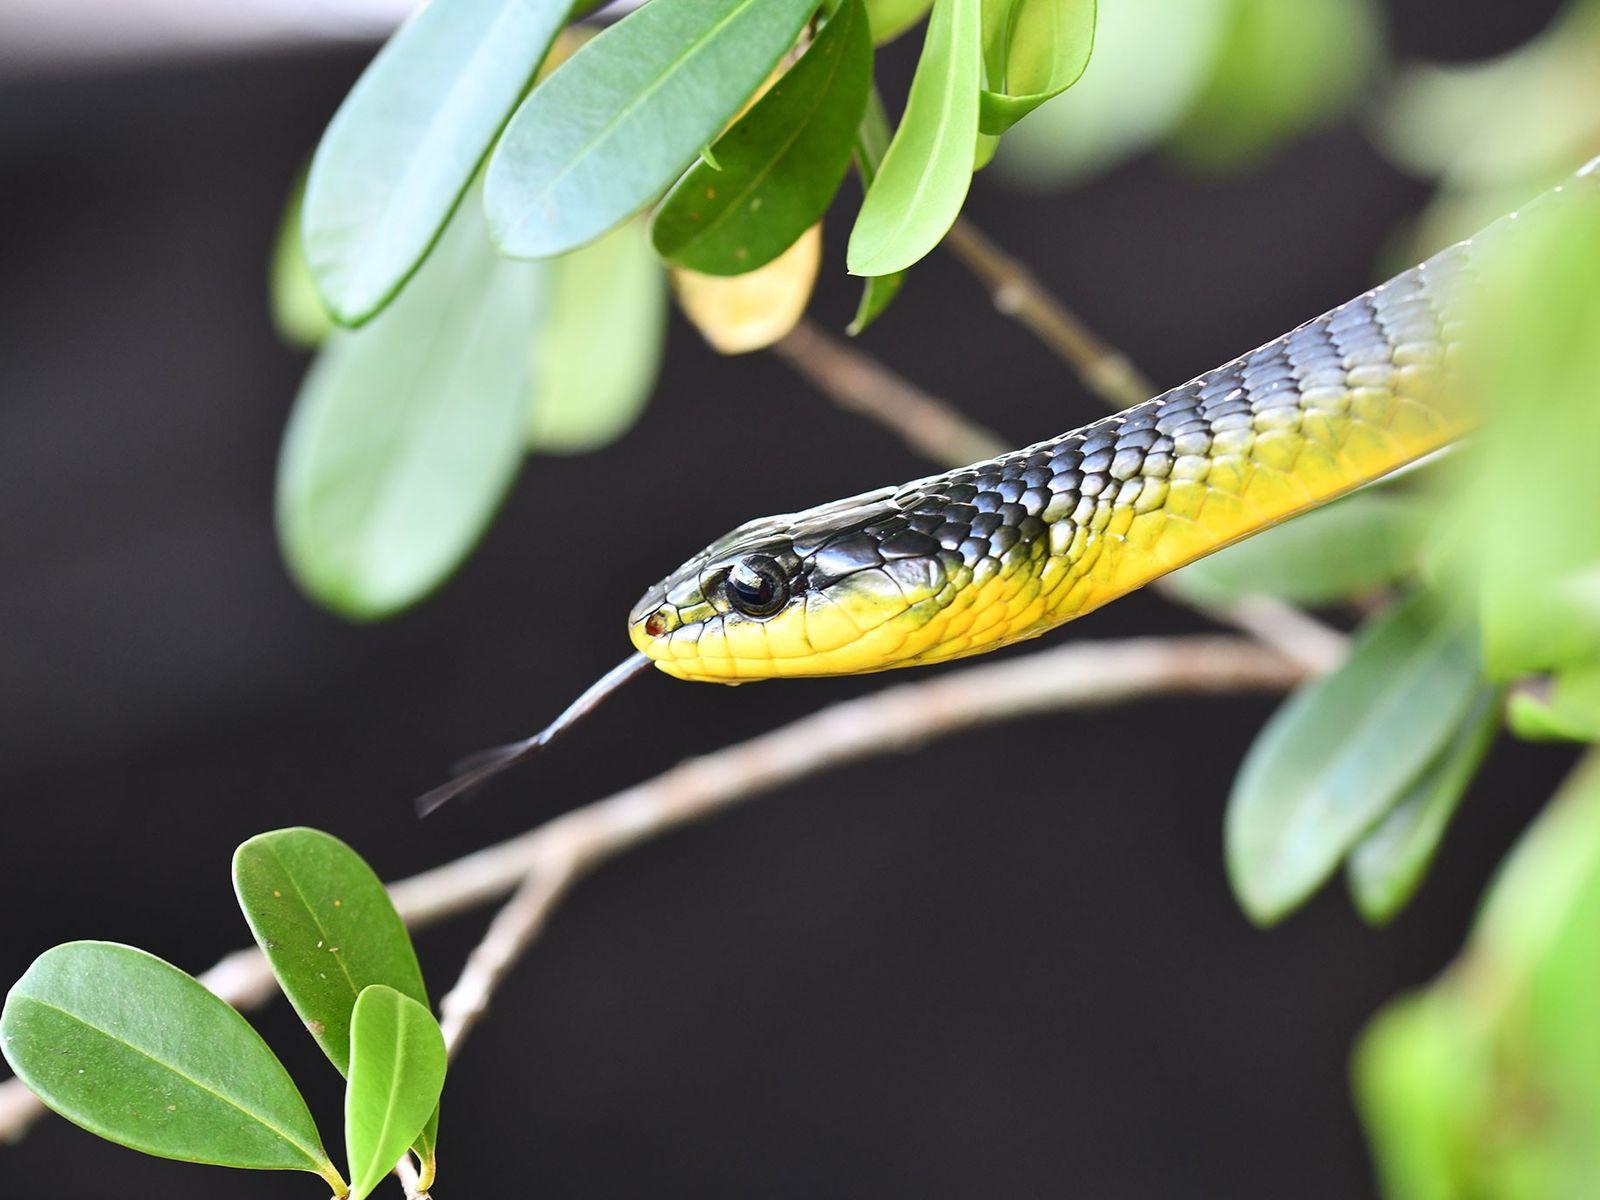 Un serpent arboricole du genre Dendrelaphis se prélasse au soleil entre deux expériences scientifiques.